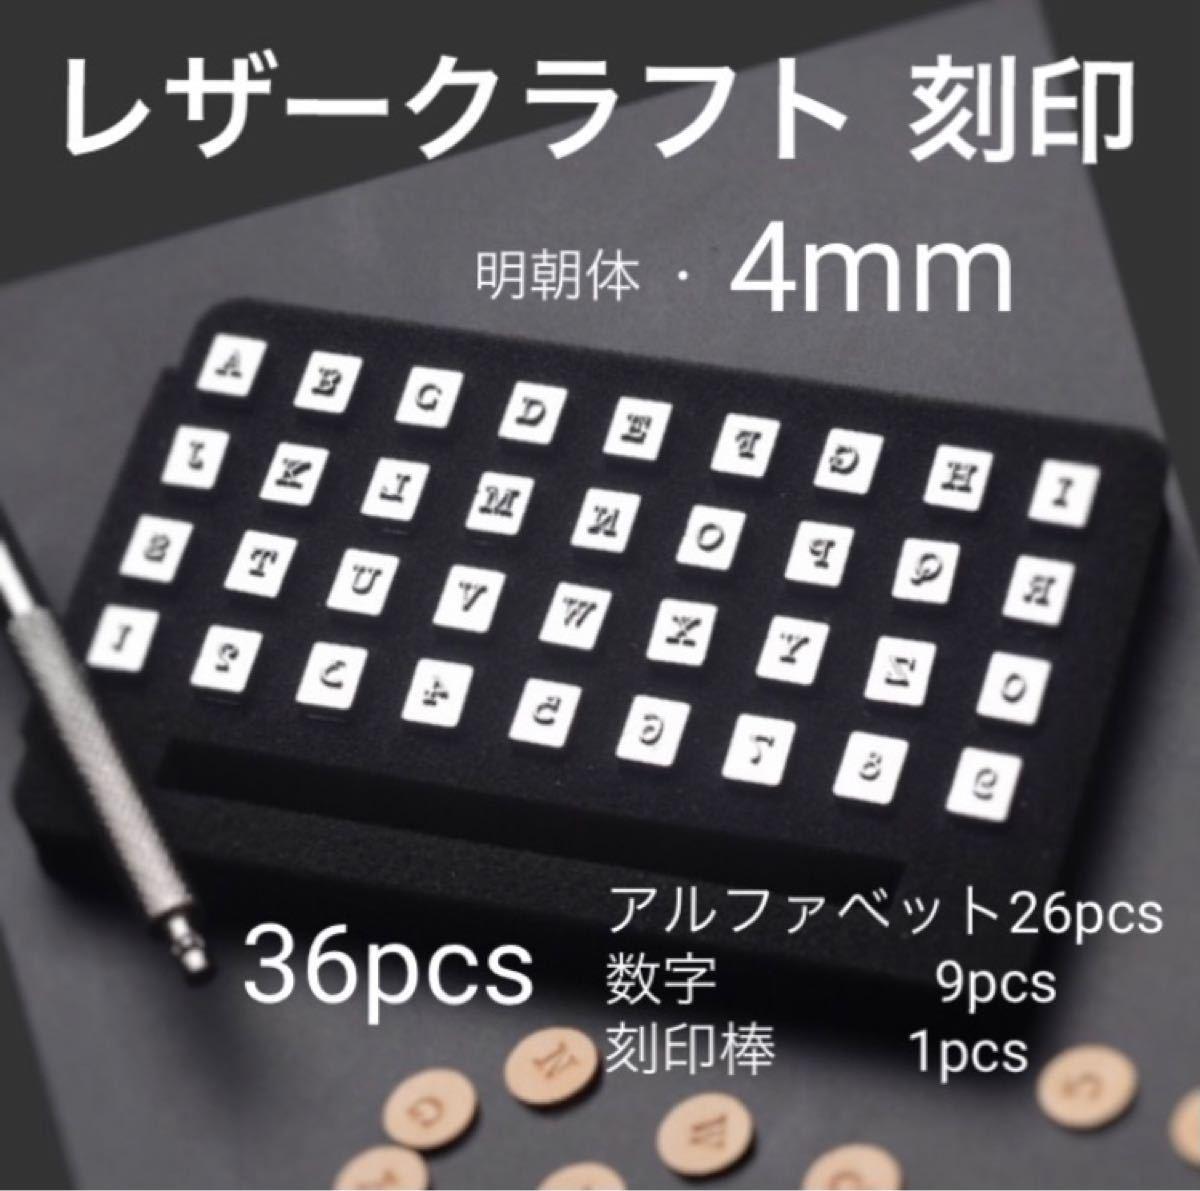 レザークラフト 刻印 アルファベット 数字 棒付き 37pcs 明朝体4mm